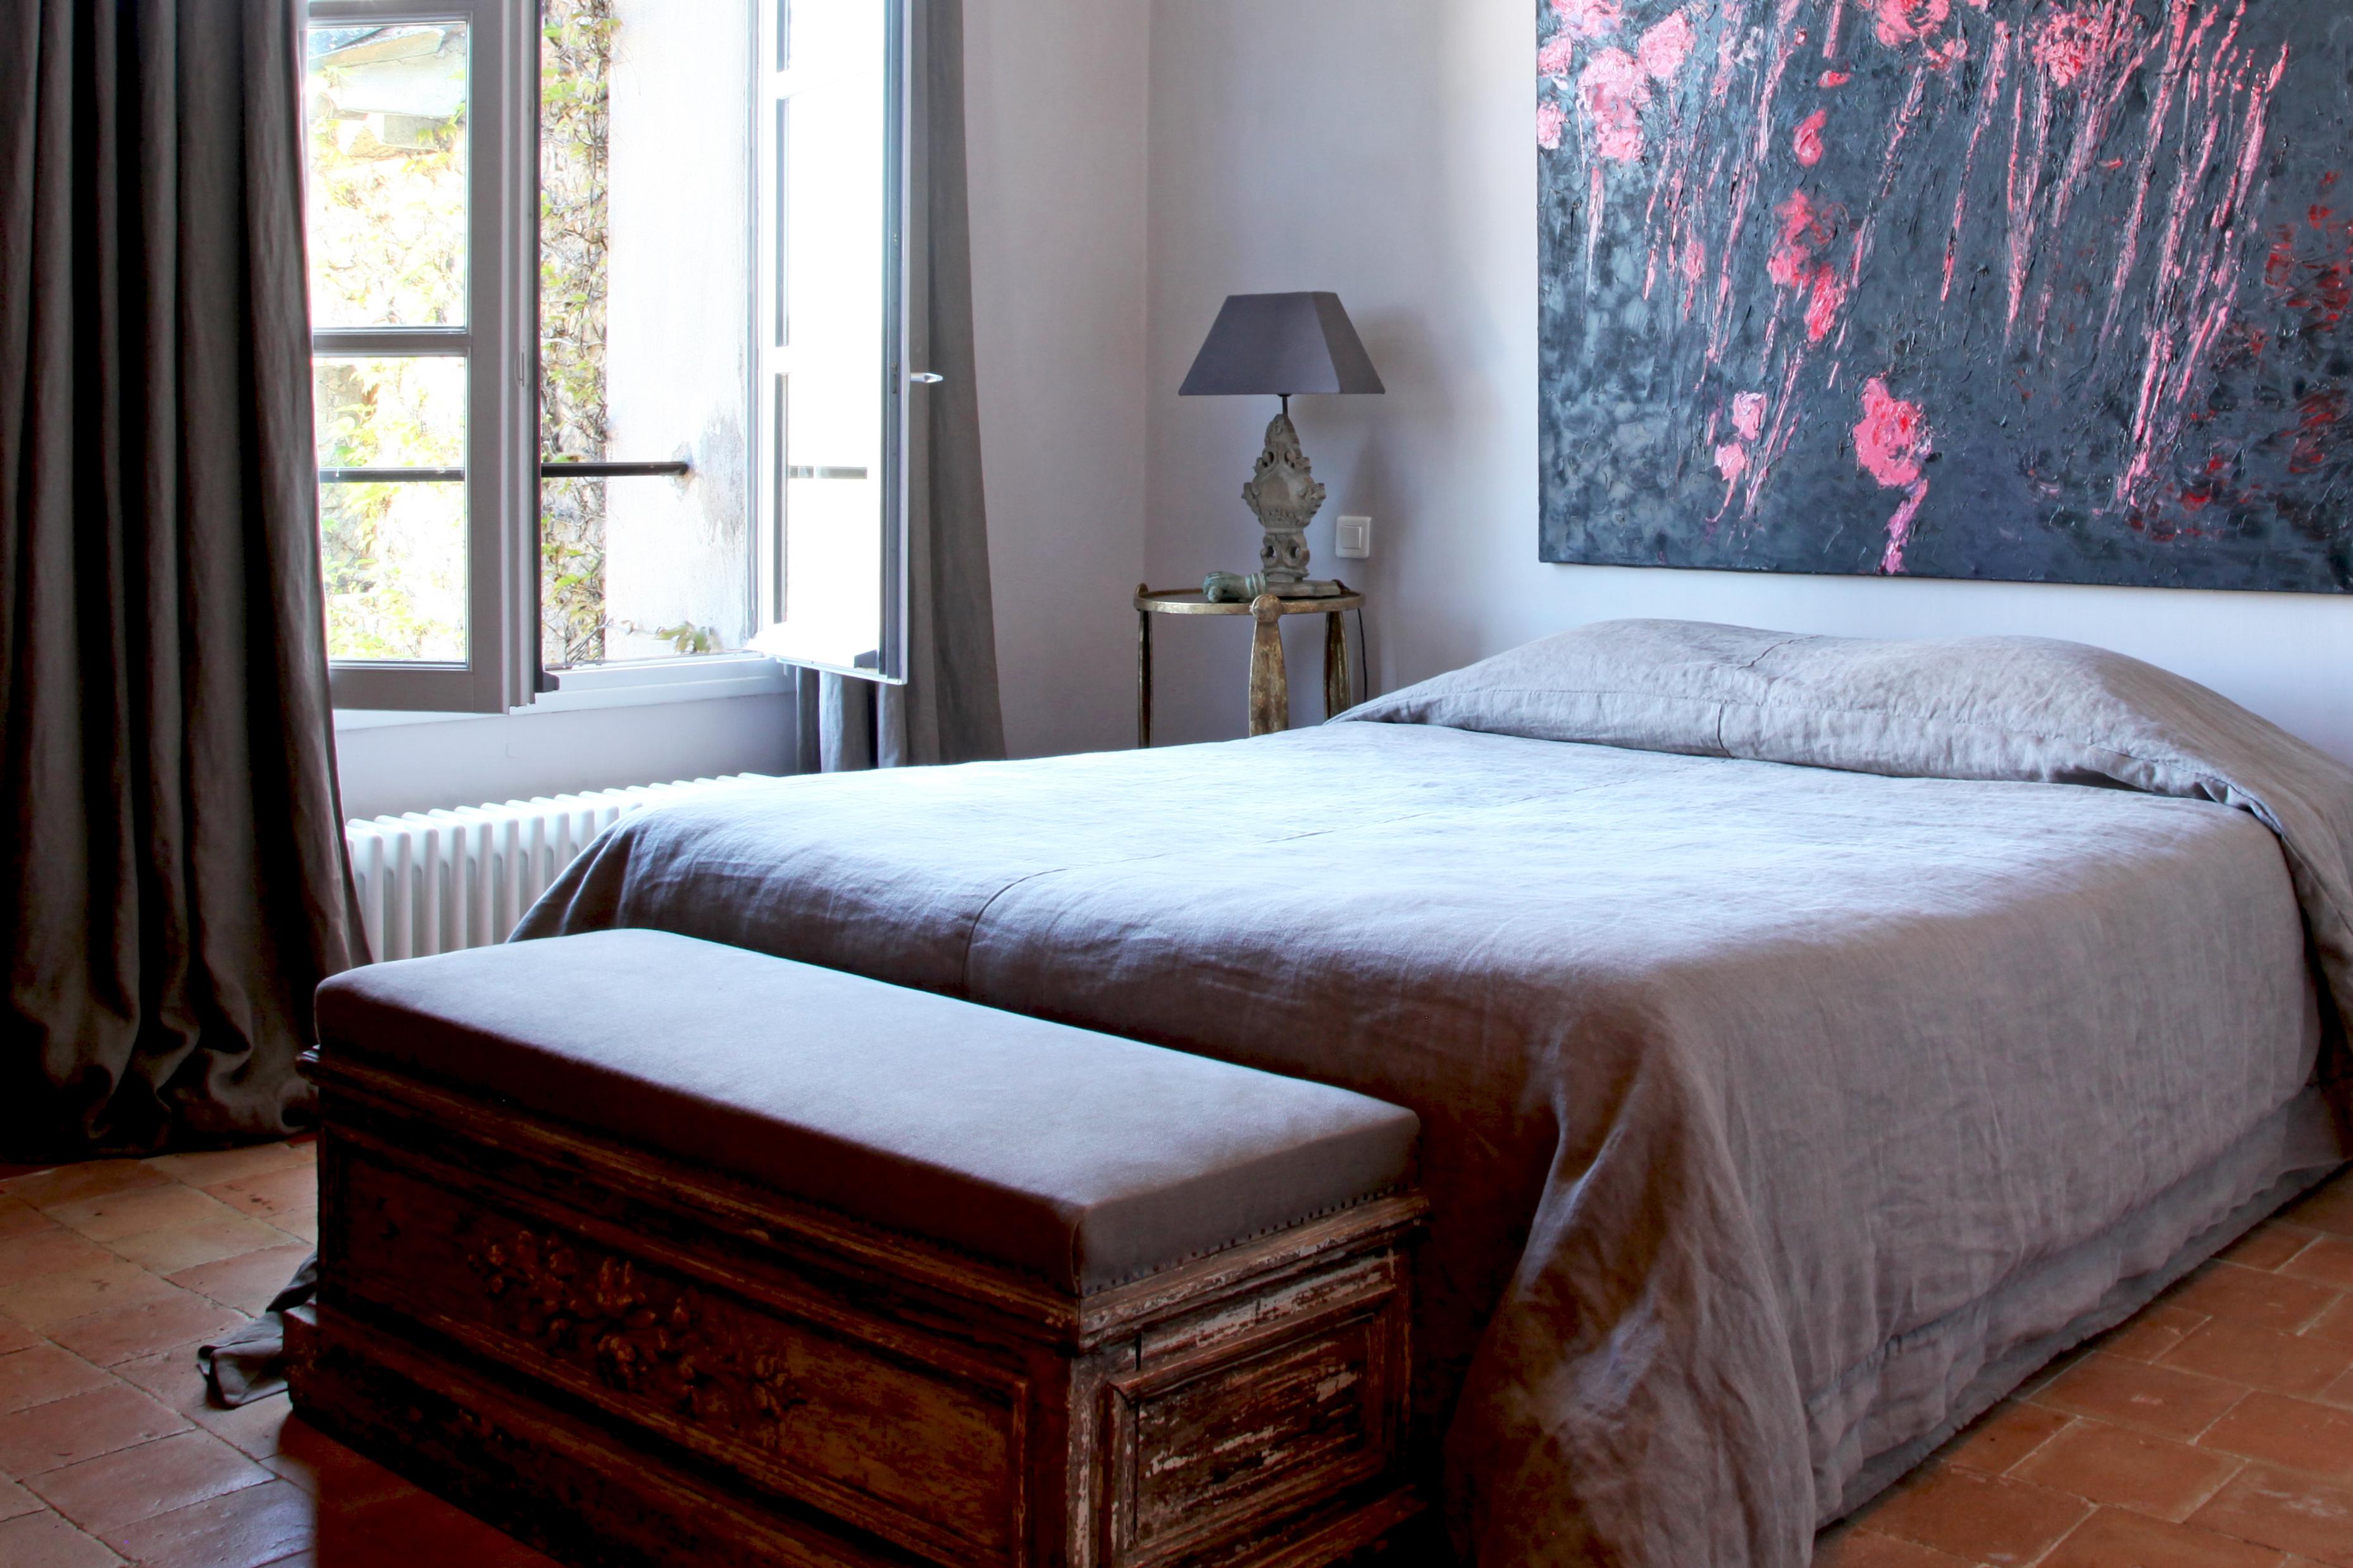 decoration des chambres 2016. Black Bedroom Furniture Sets. Home Design Ideas